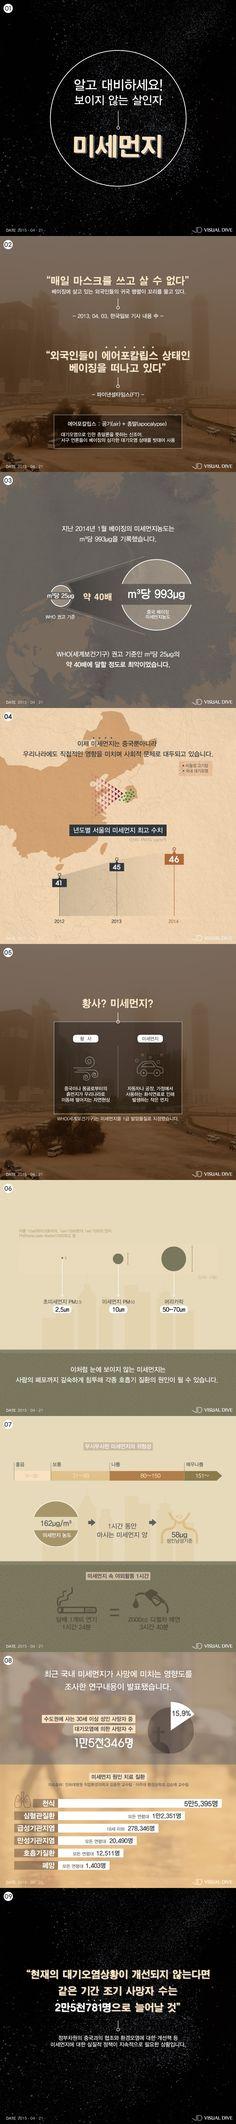 미세먼지 인한 조기 사망자 수, 수도권에서만 1만5천명…폐암까지 유발 [인포그래픽] #fine dust / #Infographic ⓒ 비주얼다이브 무단 복사·전재·재배포 금지